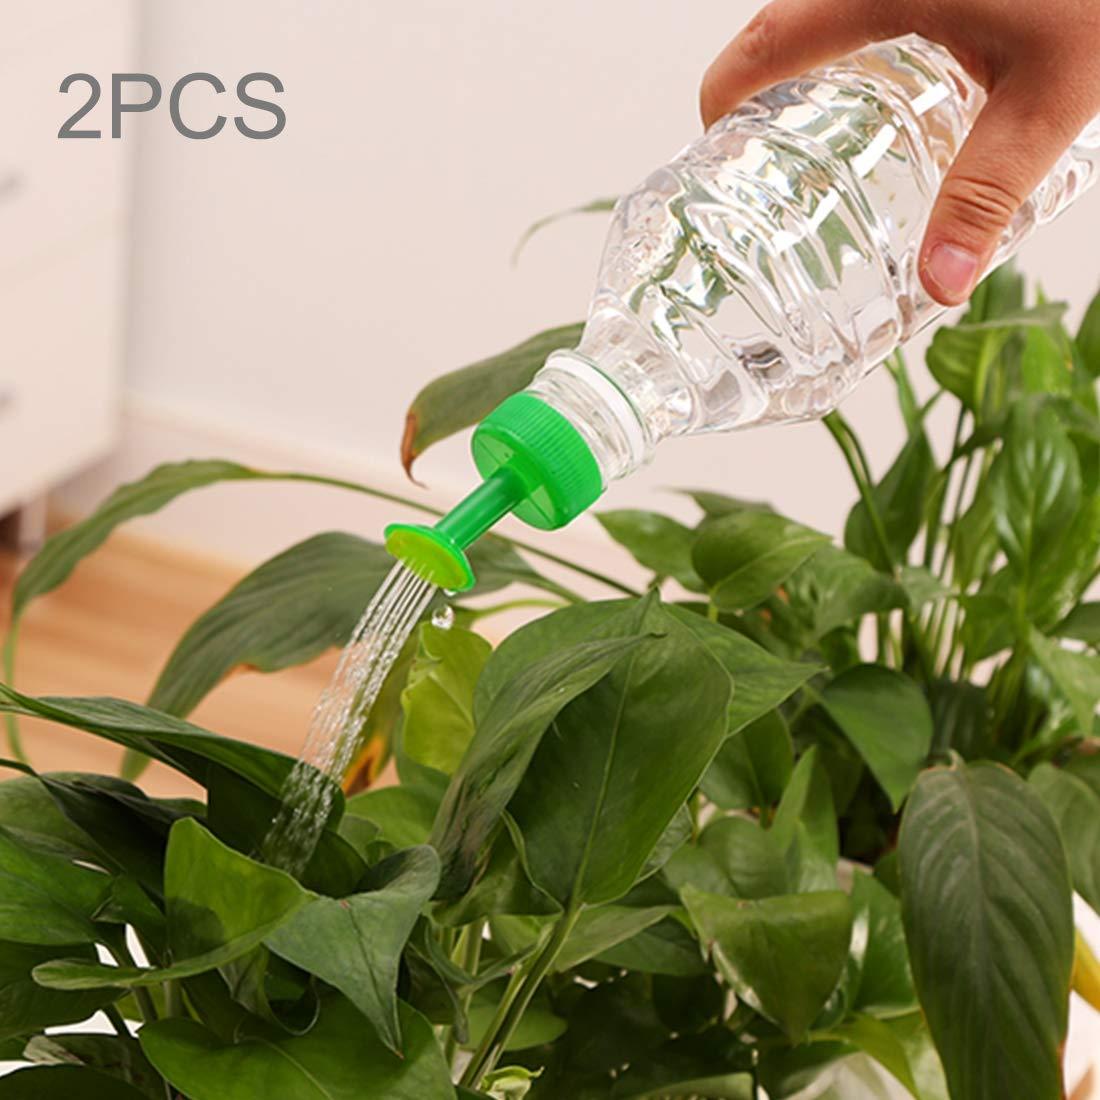 Serie de riego de jardines High Quanlity 2 PCS Aspersor de riego de plástico pequeño portátil